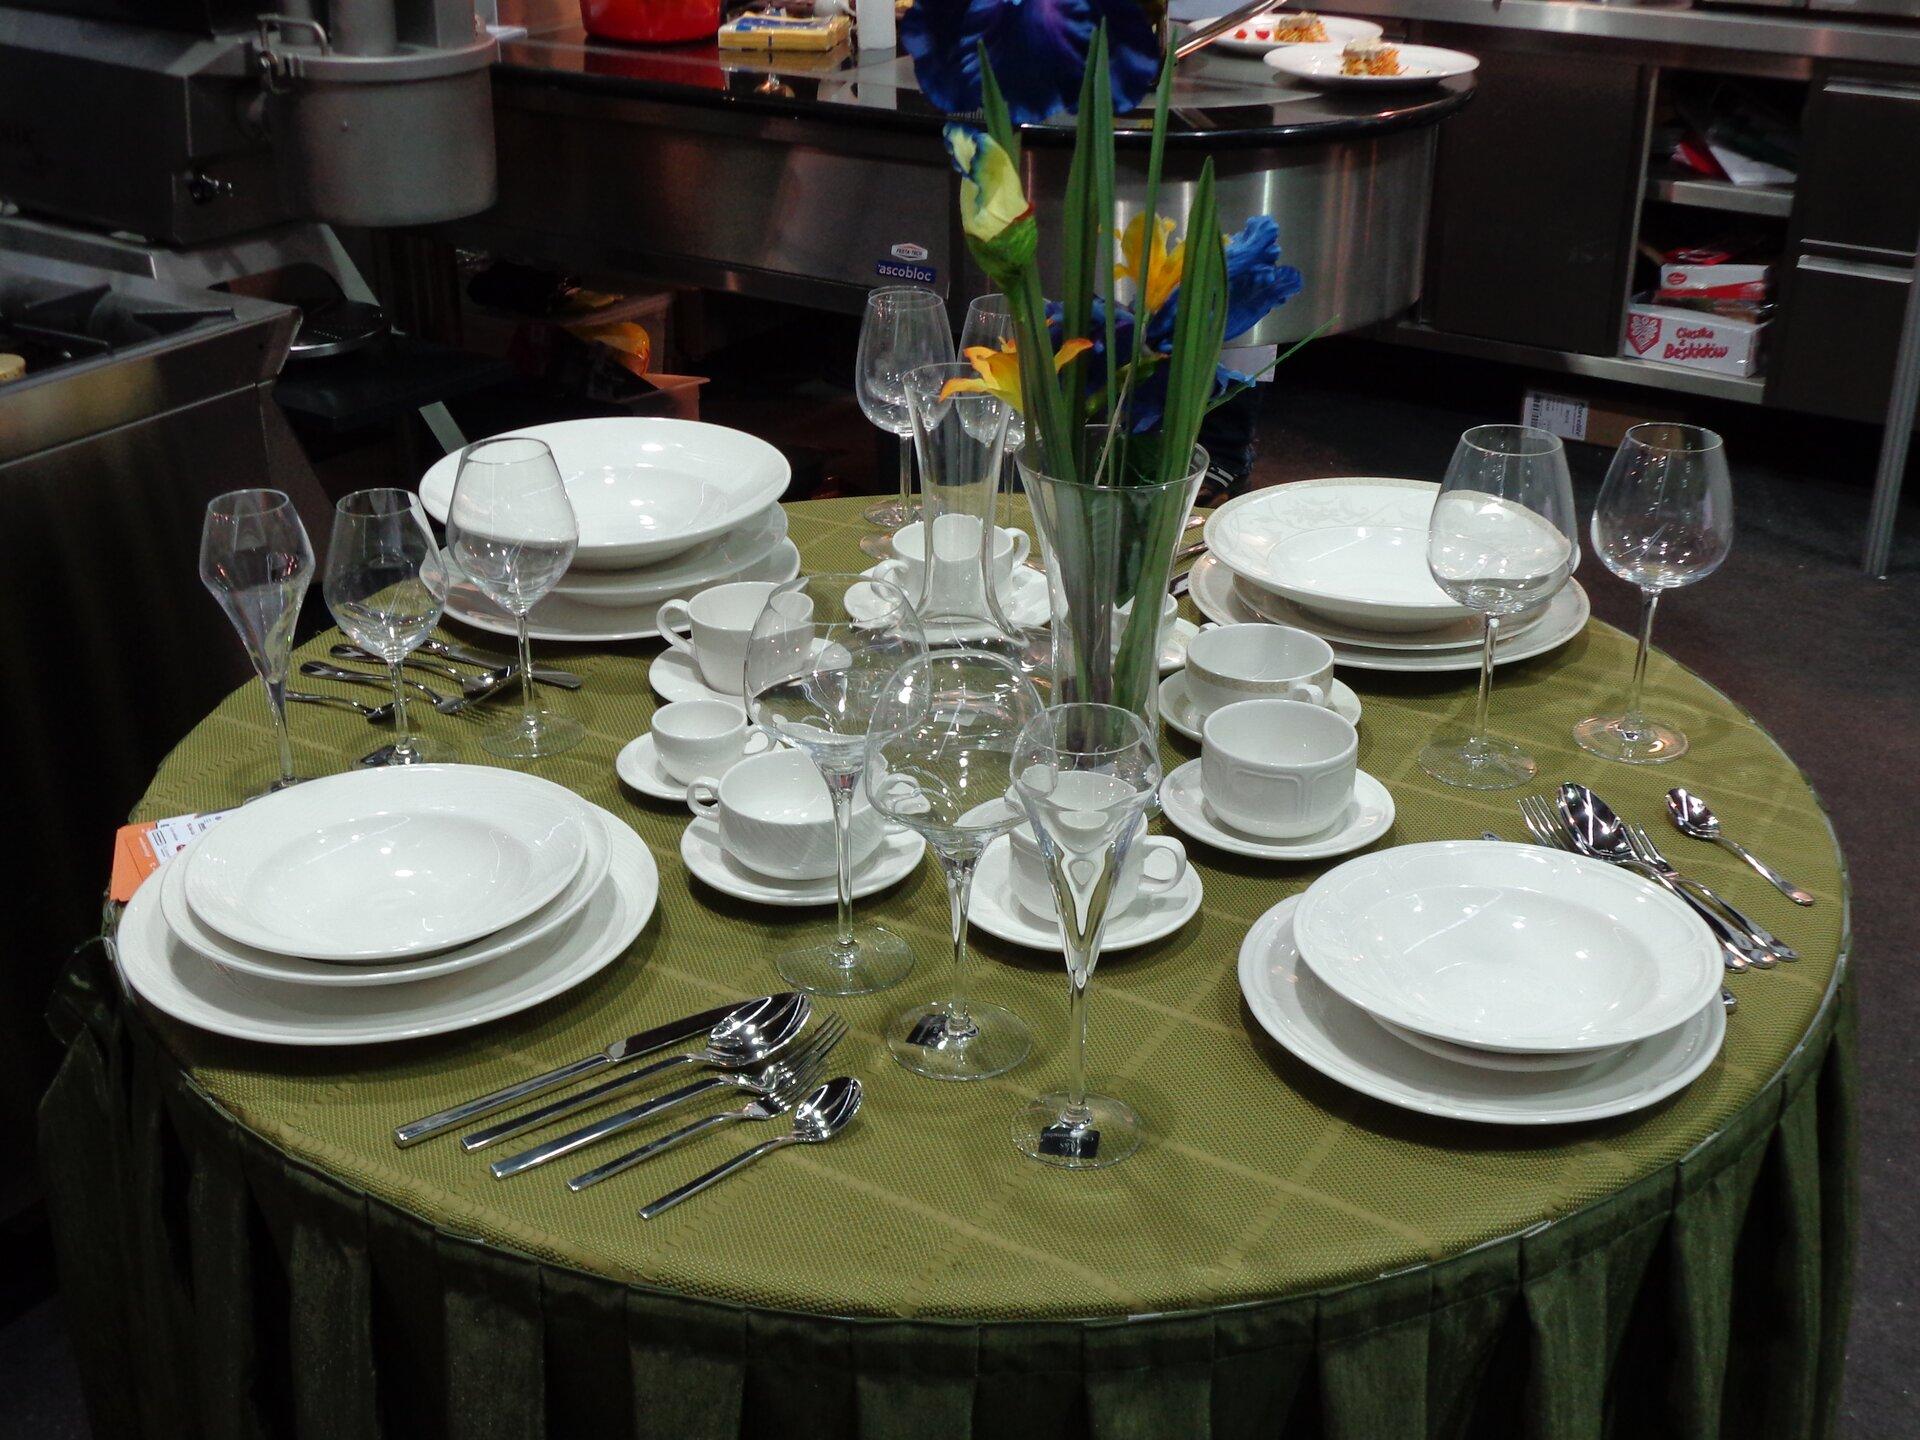 Nakrycie stołu prezentowane podczas Targów HORECA 2013 wKrakowie Źródło: Nakrycie stołu prezentowane podczas Targów HORECA 2013 wKrakowie, 2013, licencja: CC BY-SA 3.0.